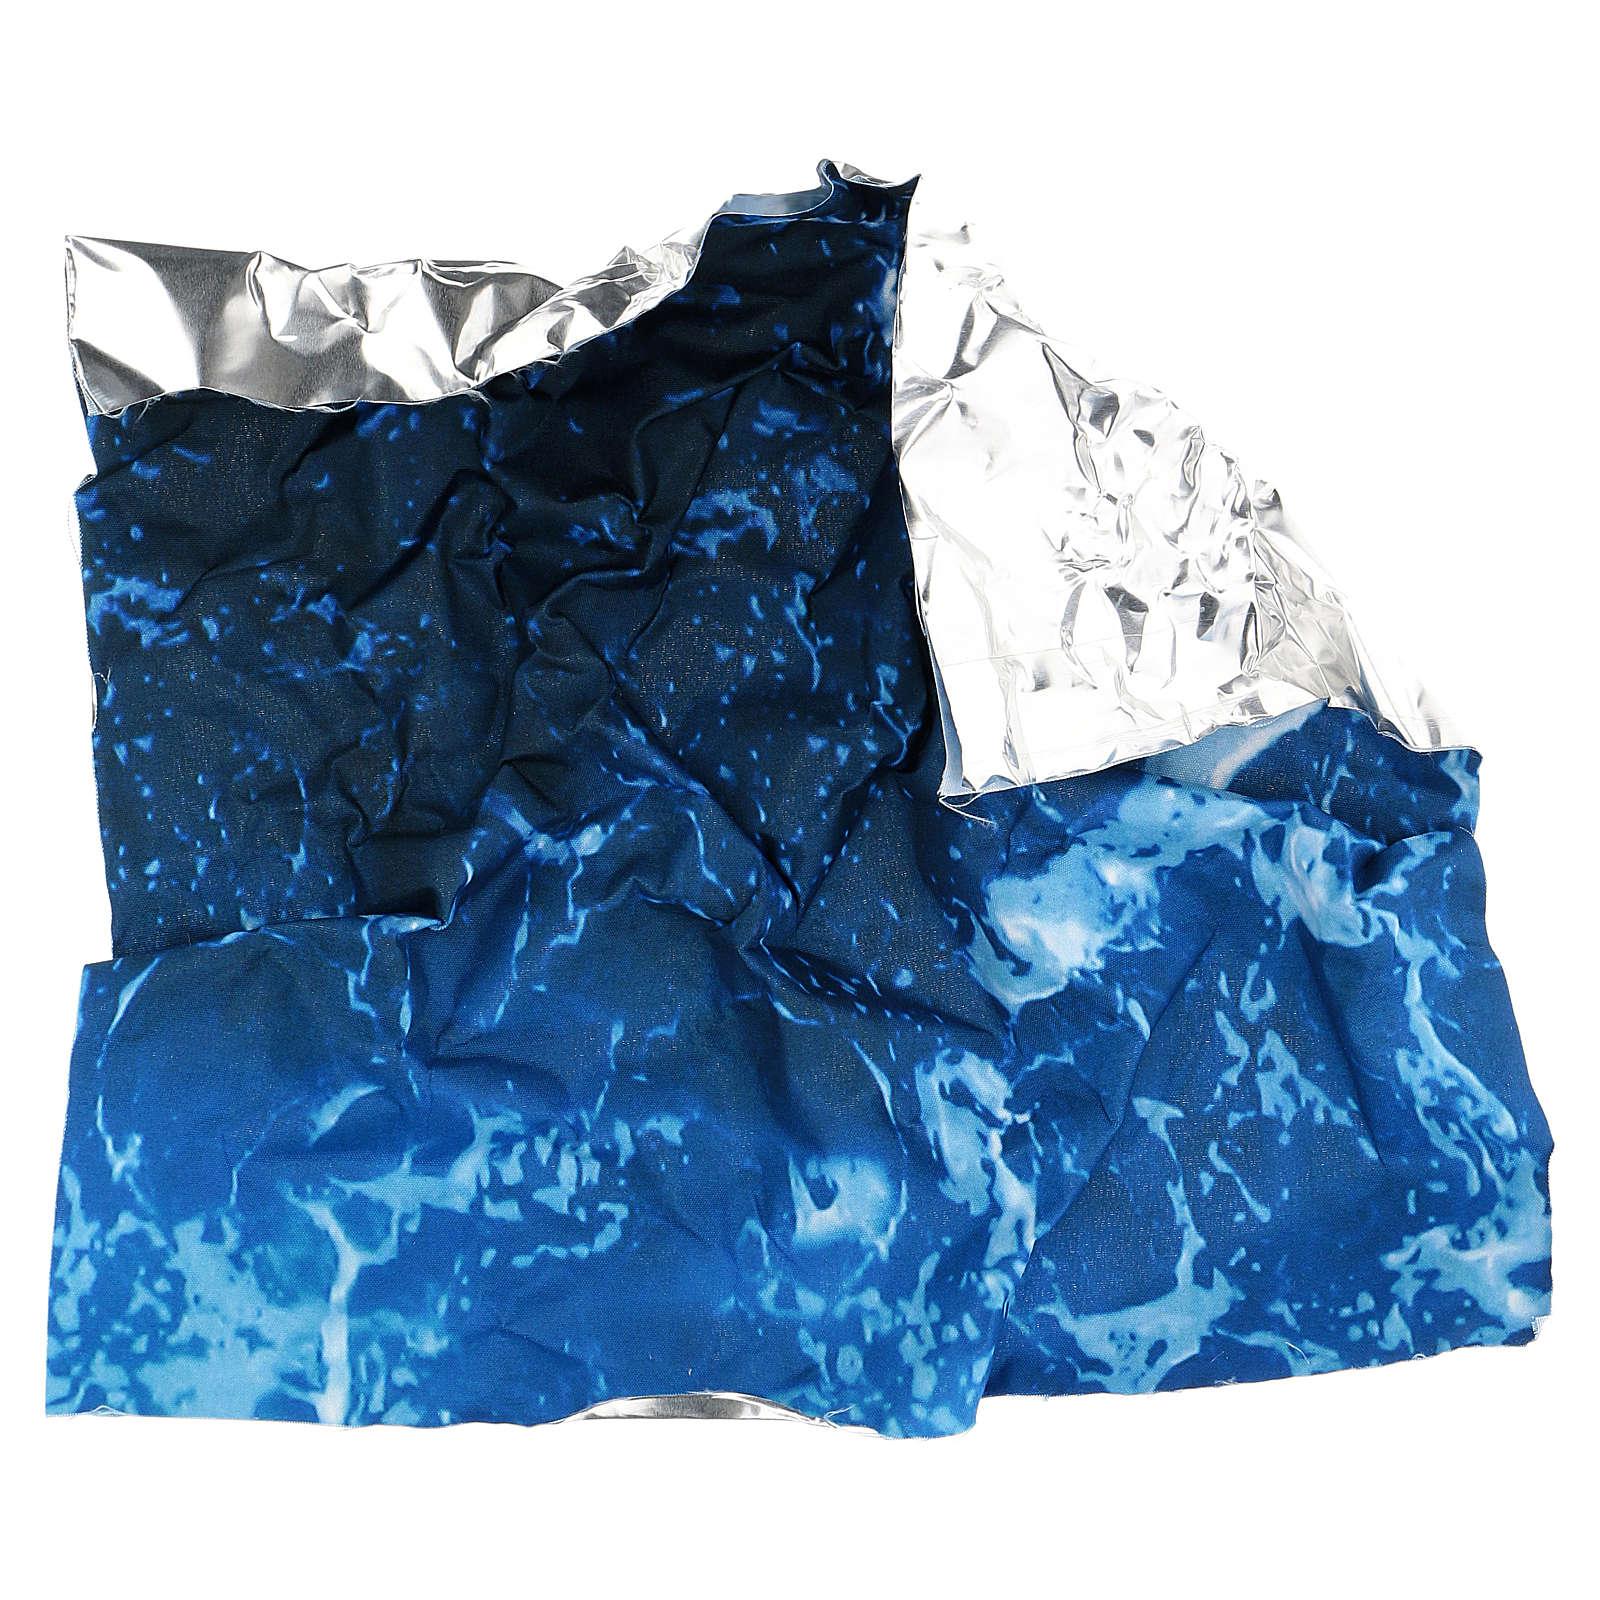 Papel para modelar água para presépio 30x30 cm 4